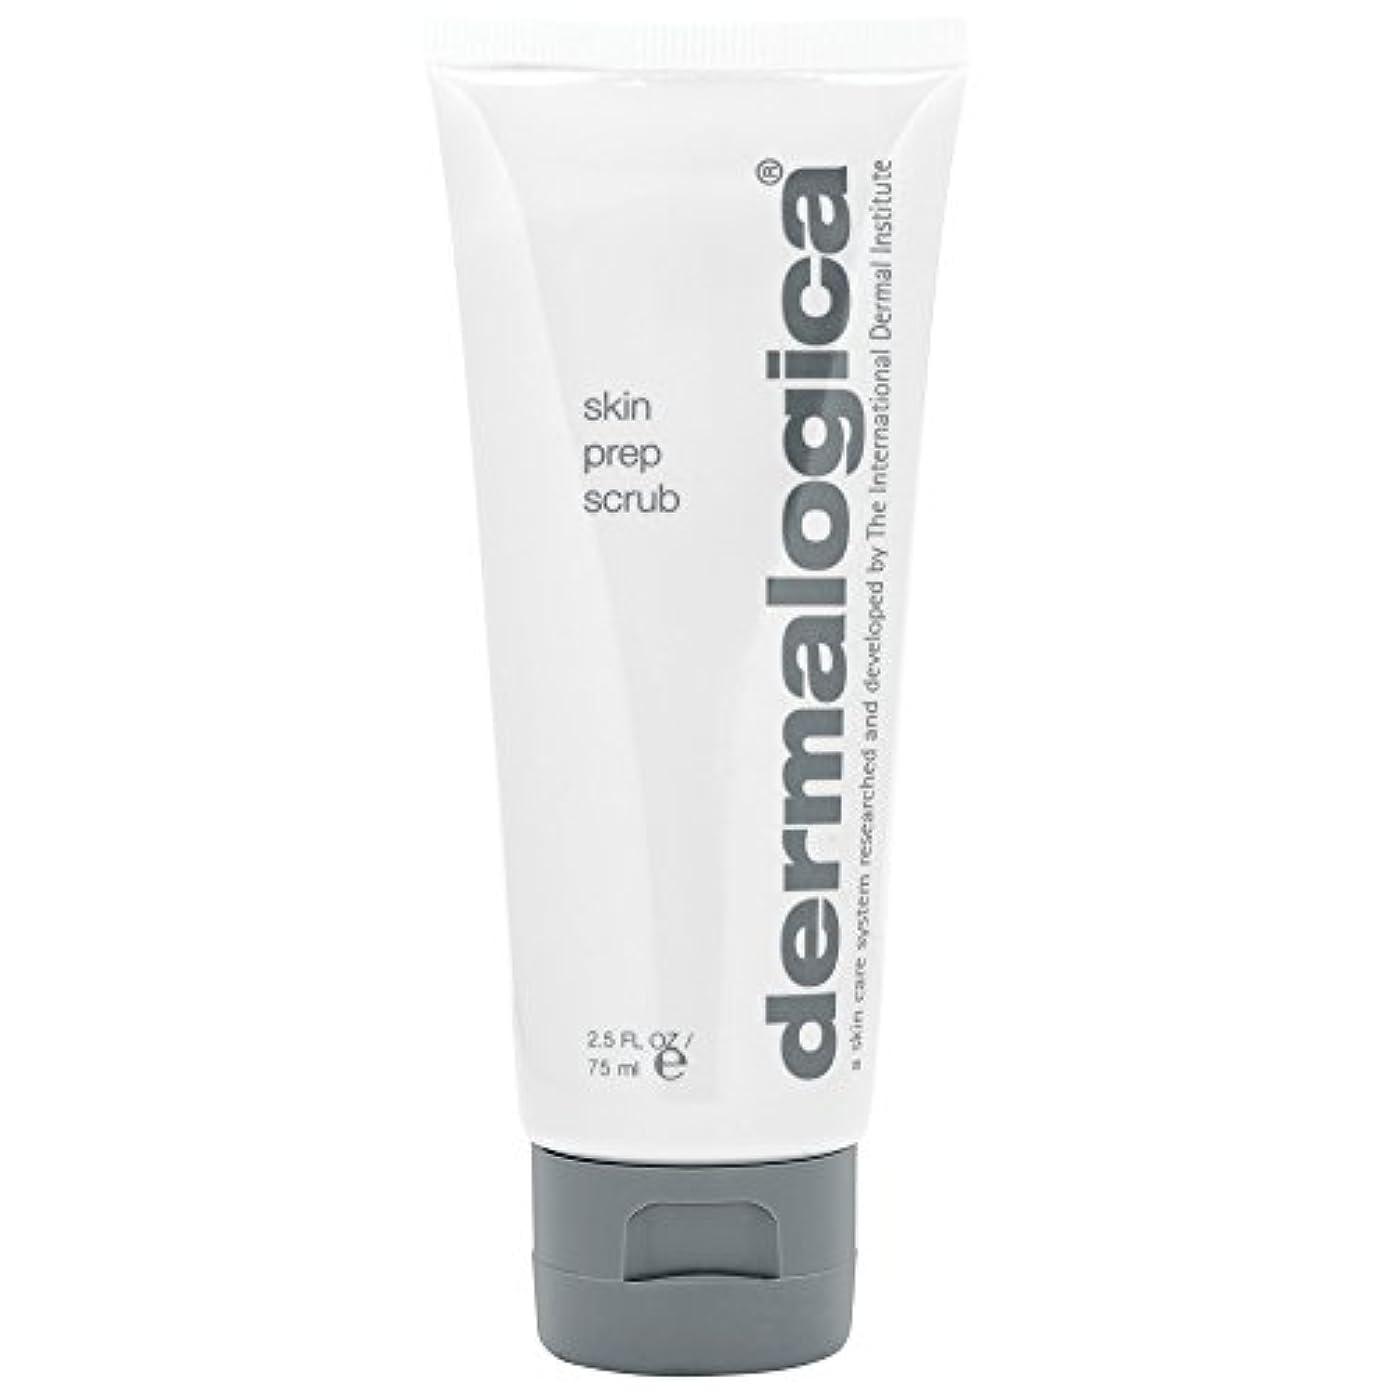 ギャザー破壊的な抑制するダーマロジカスキンプレップスクラブ75ミリリットル (Dermalogica) (x6) - Dermalogica Skin Prep Scrub 75ml (Pack of 6) [並行輸入品]